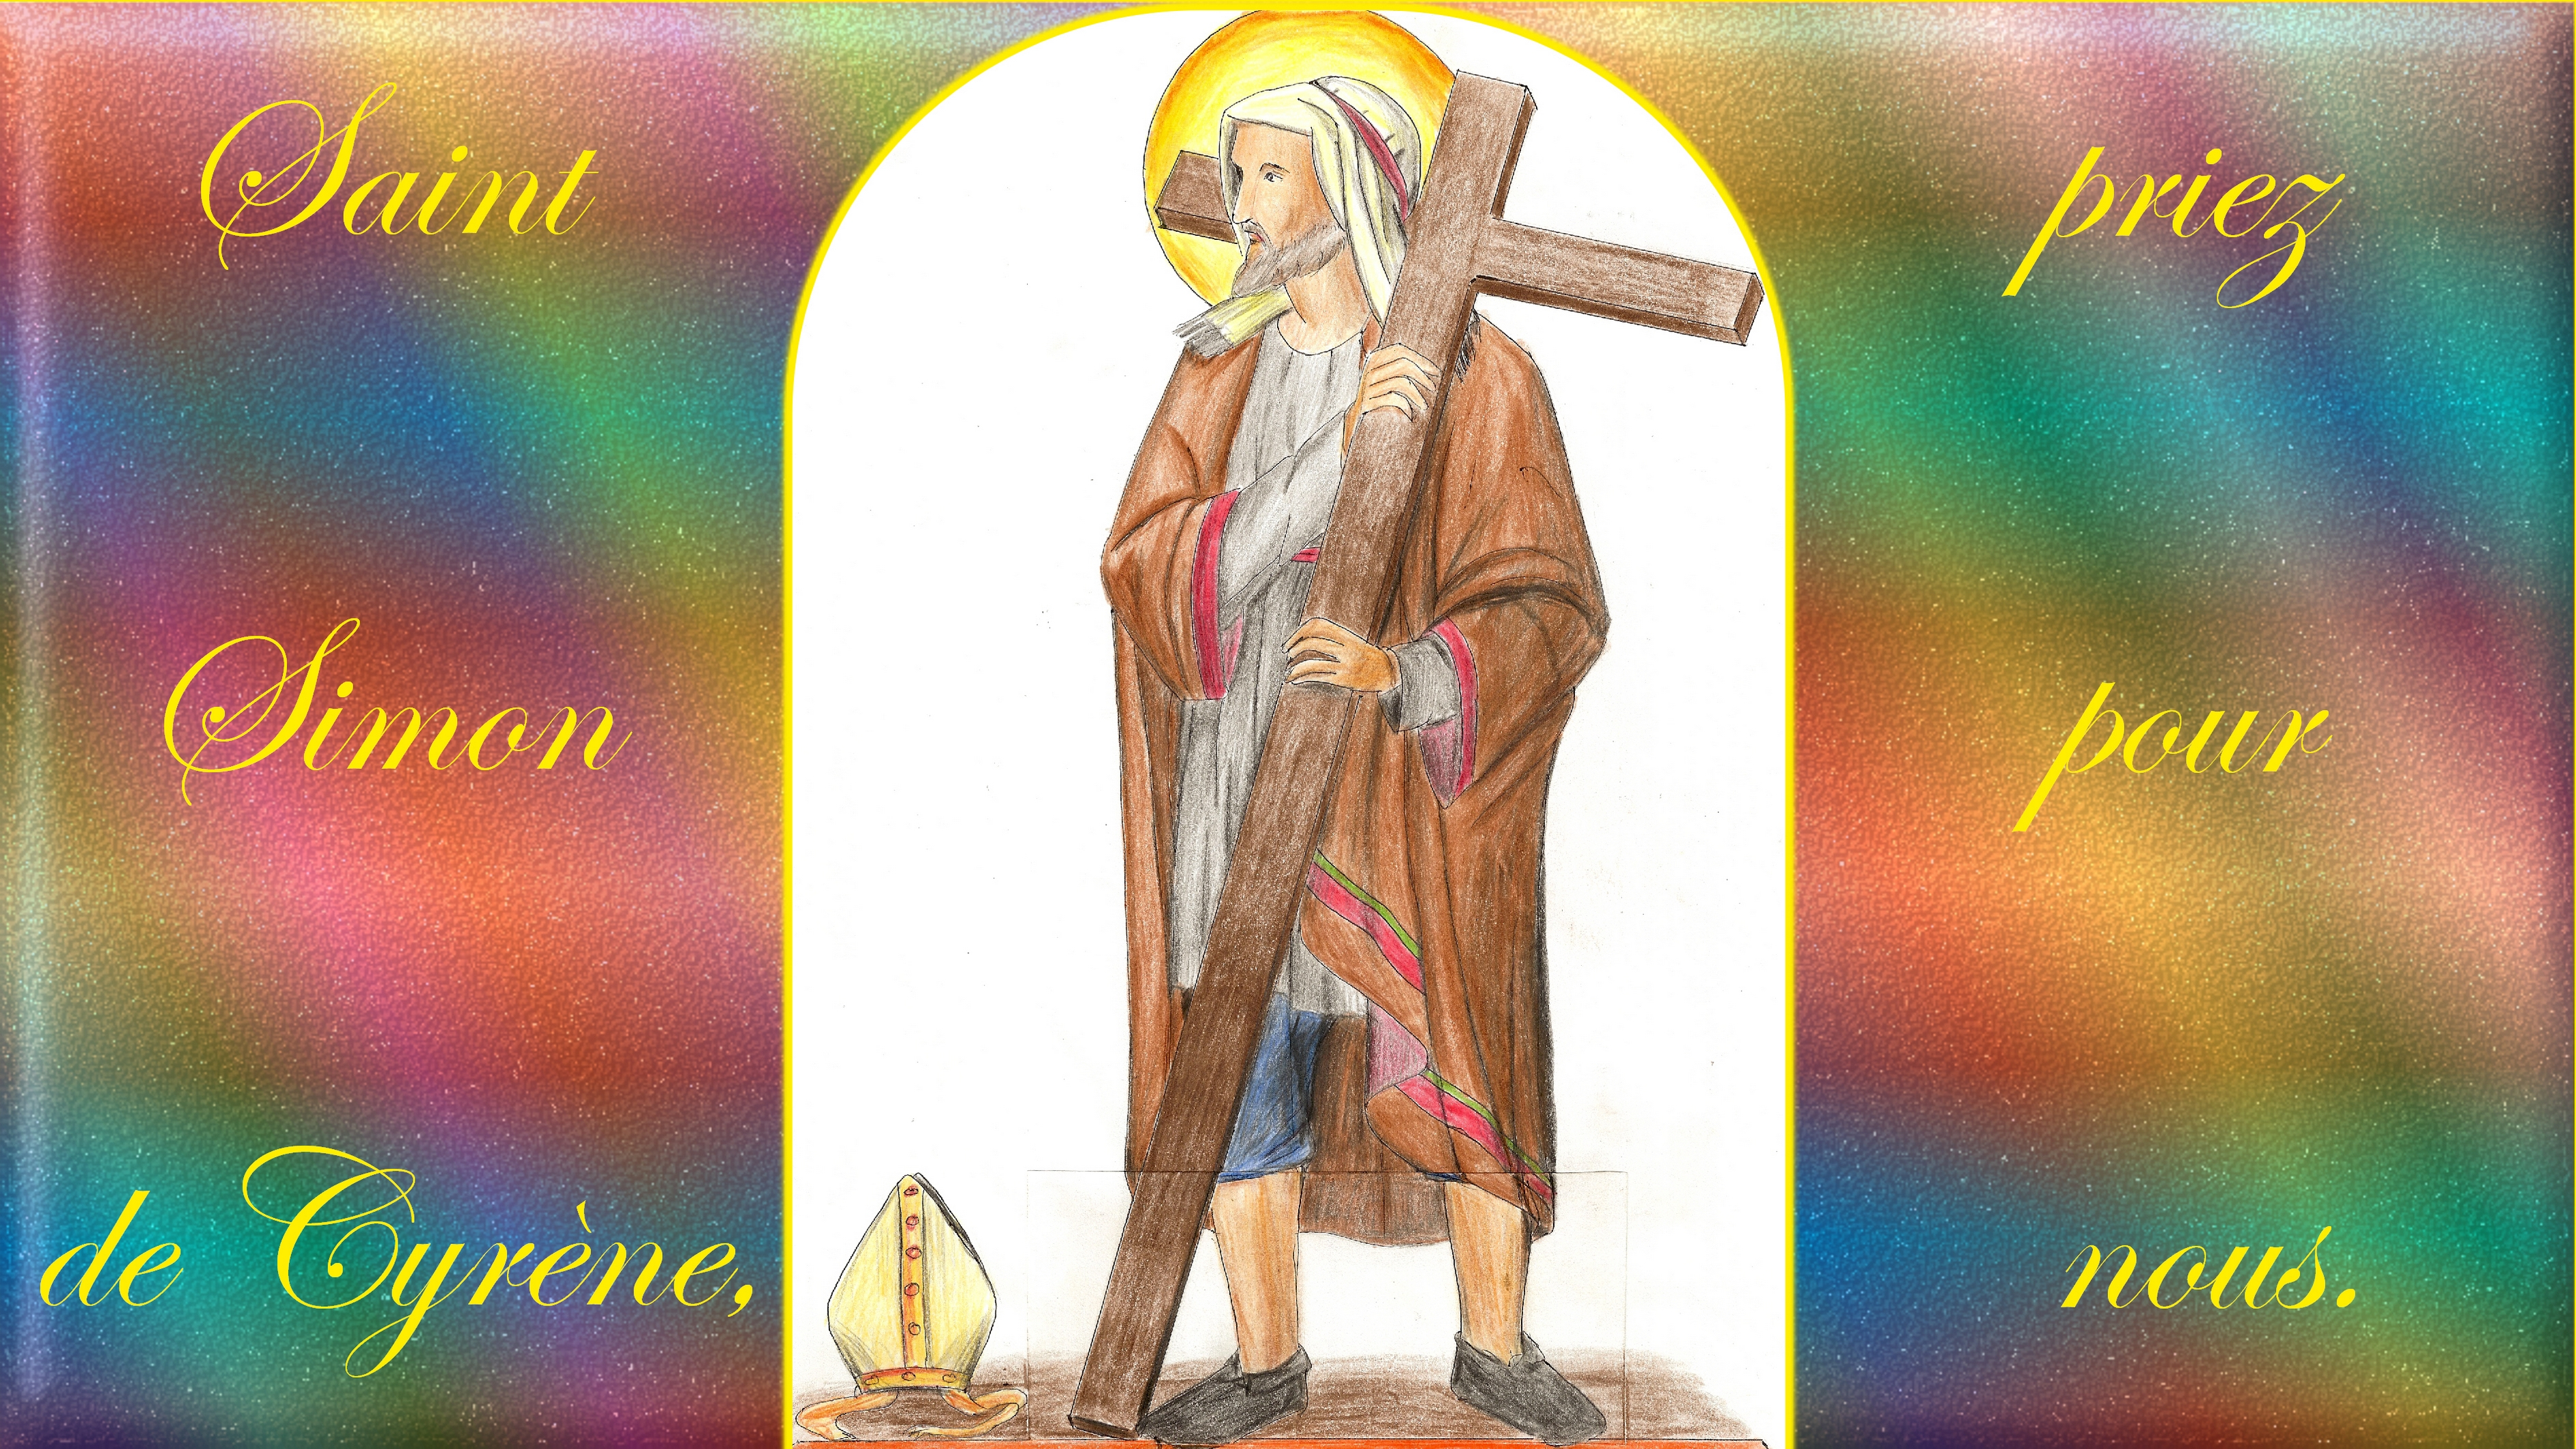 CALENDRIER CATHOLIQUE 2019 (Cantiques, Prières & Images) - Page 16 St-simon-de-cyr-ne-56d104e